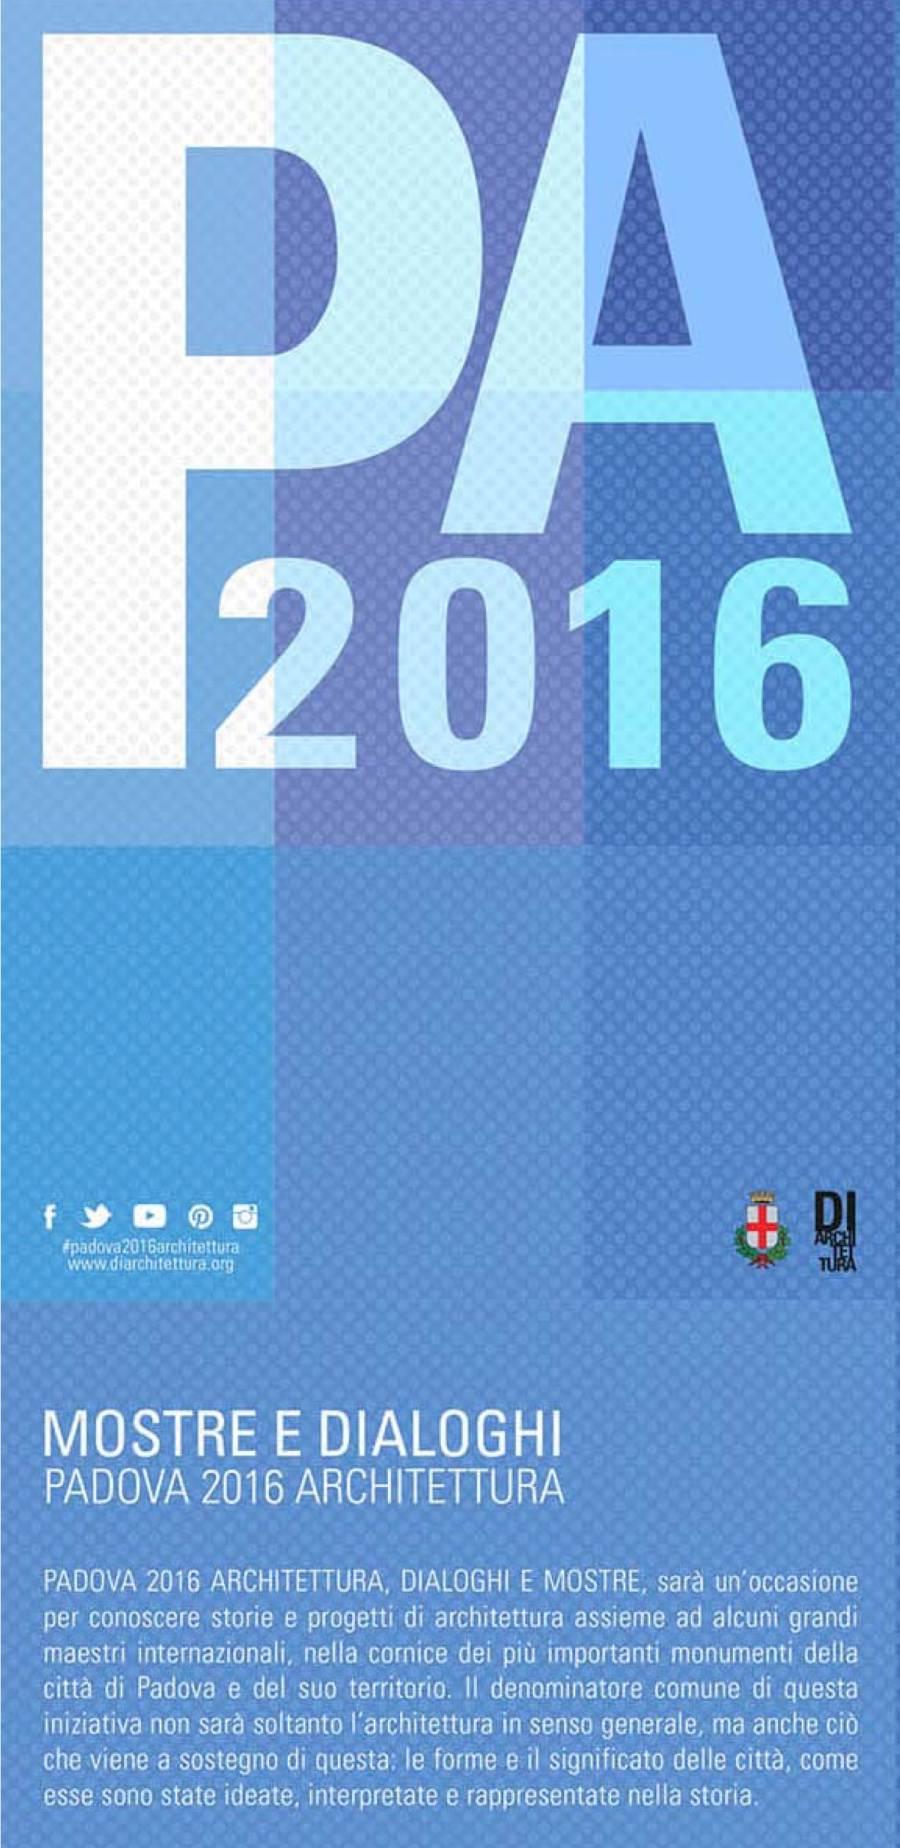 Padova 2016 Architettura – Mostre e dialoghi